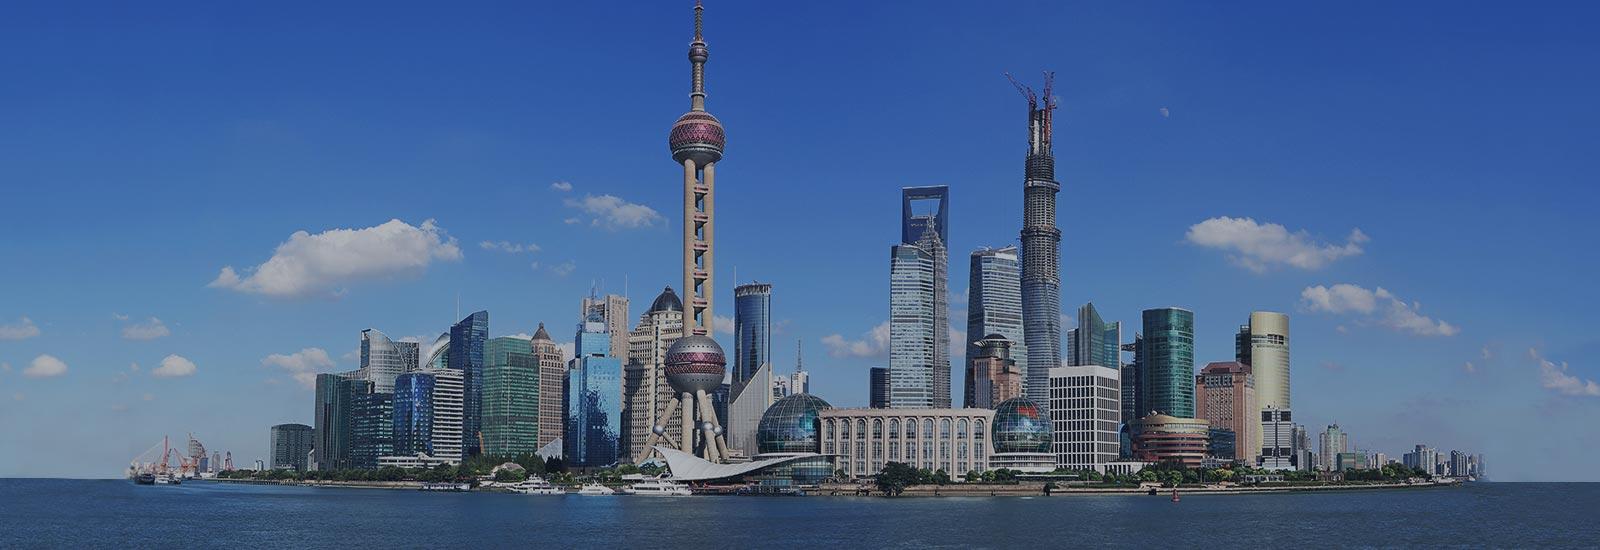 AgraKepak China - AgraKepak Trading